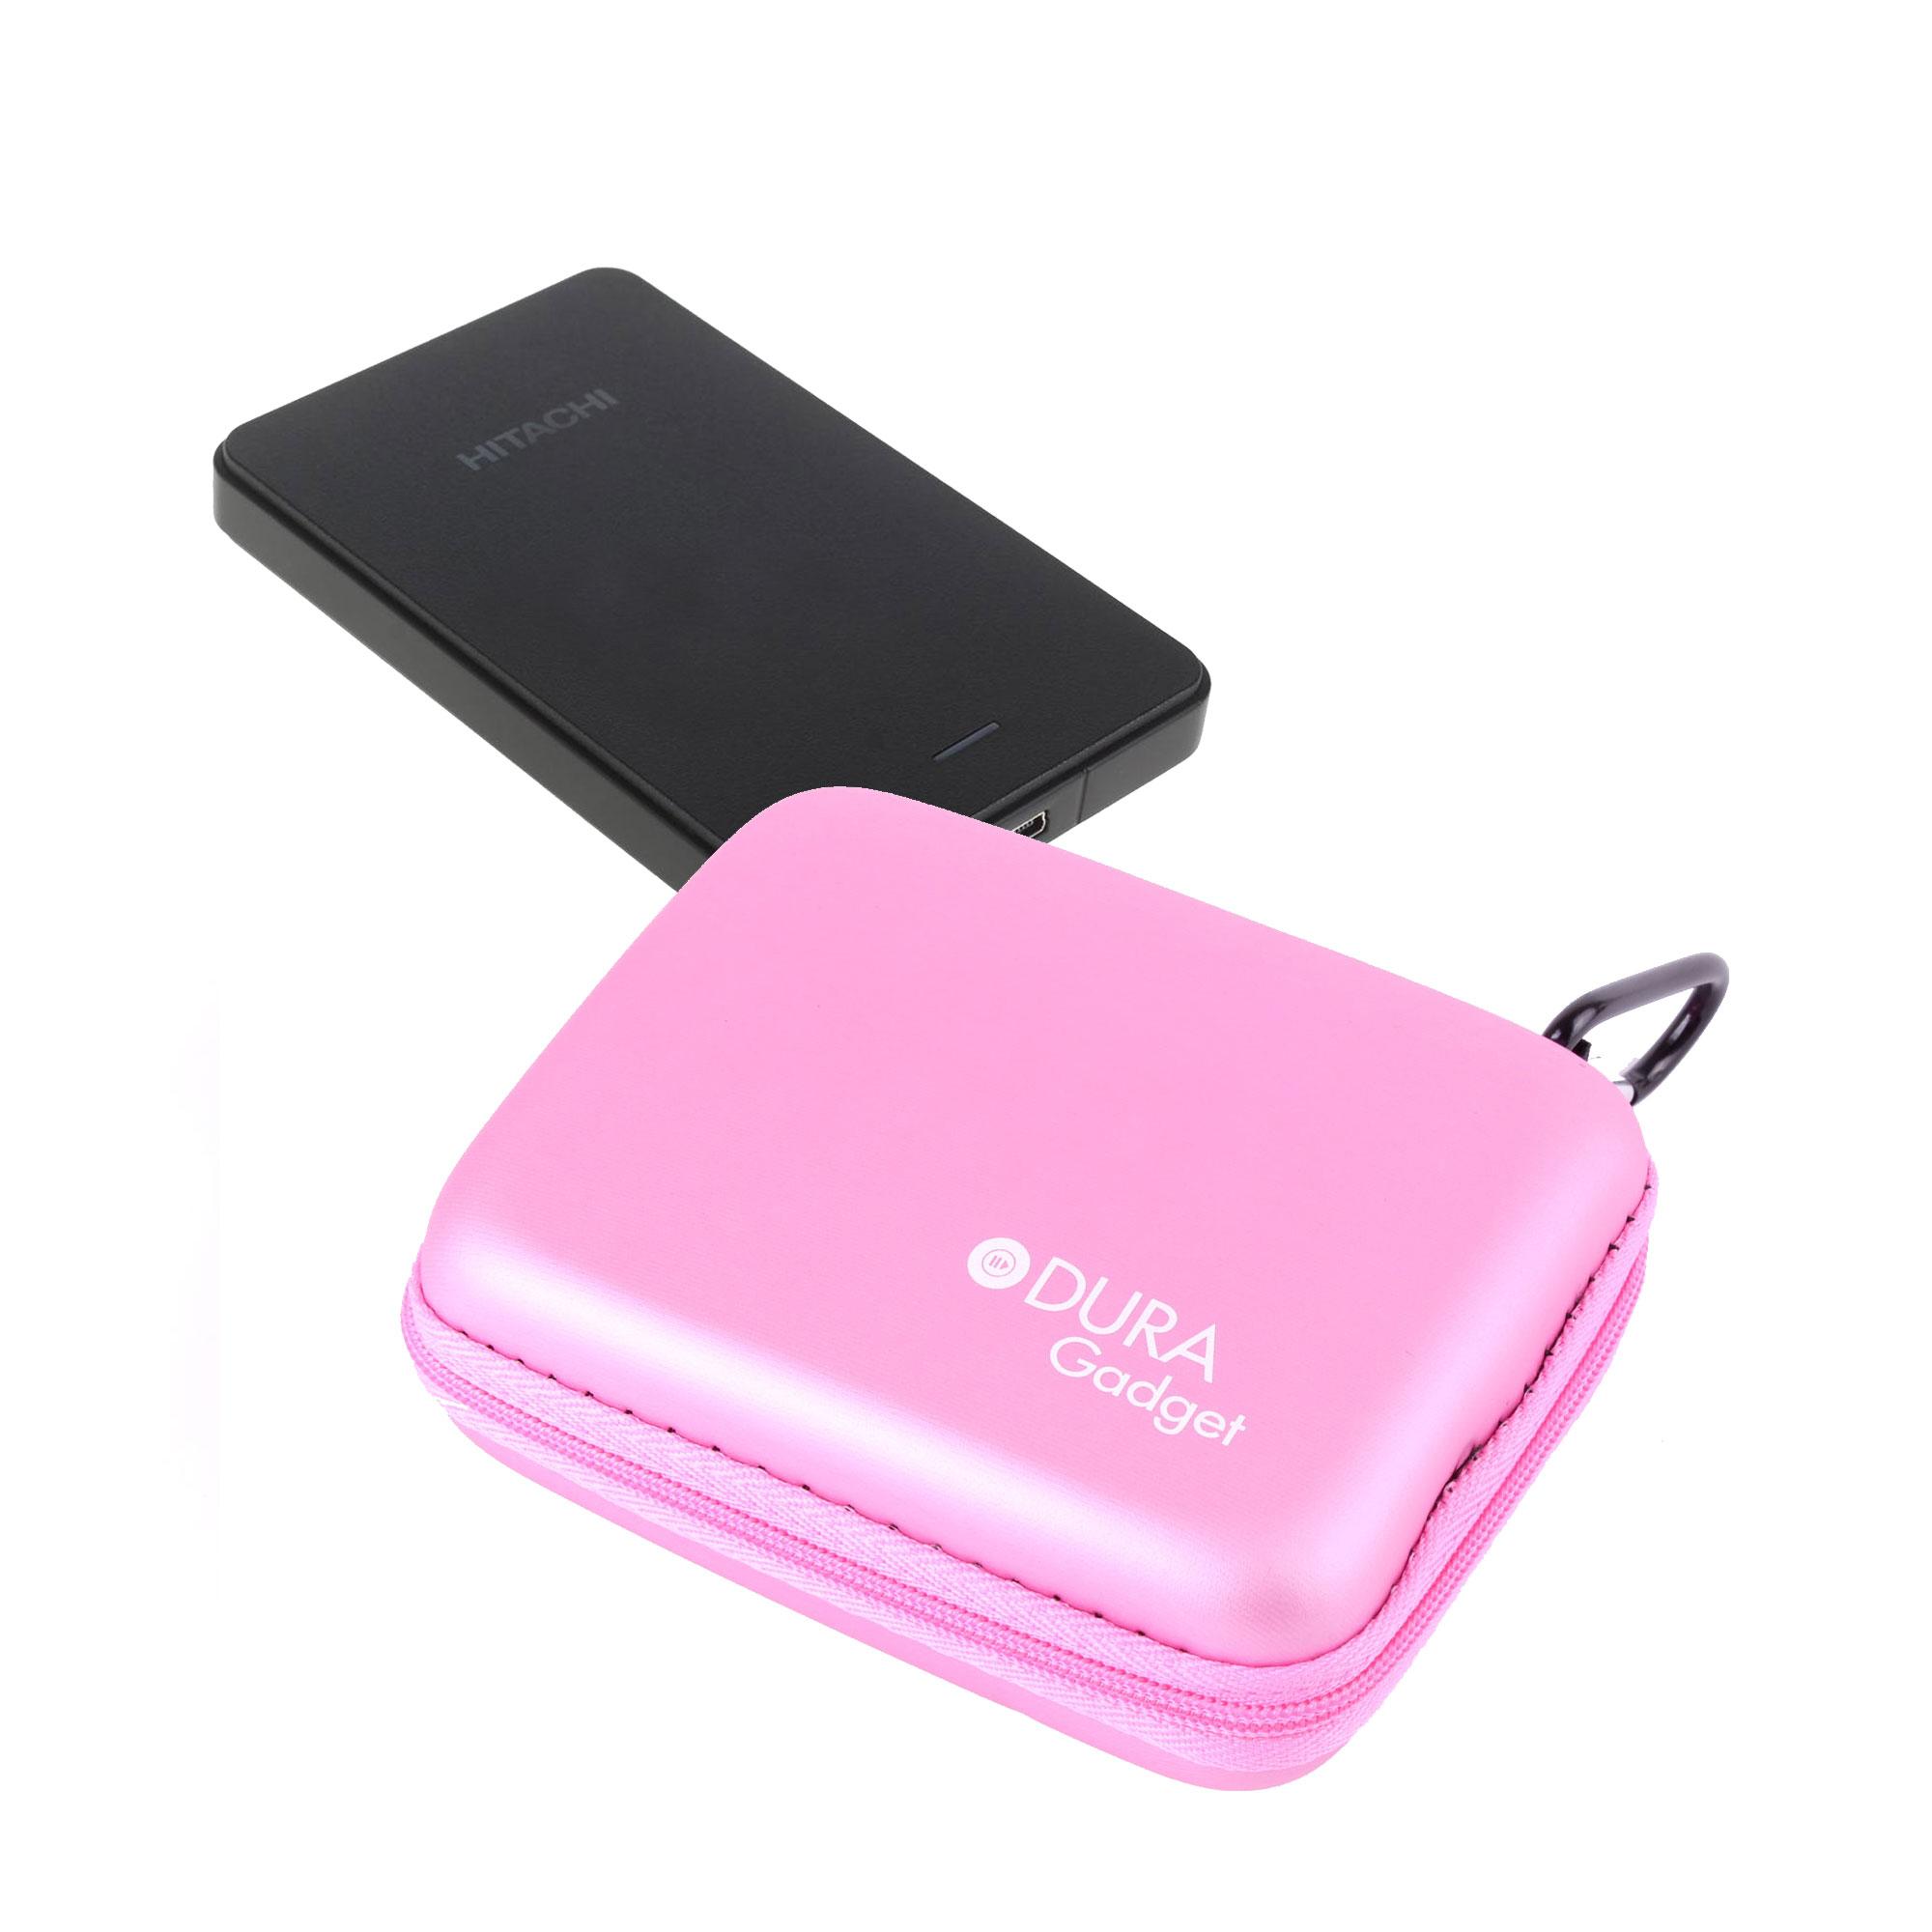 Housse coque tui rose pour disque dur externe hitachi for Housse pour disque dur externe